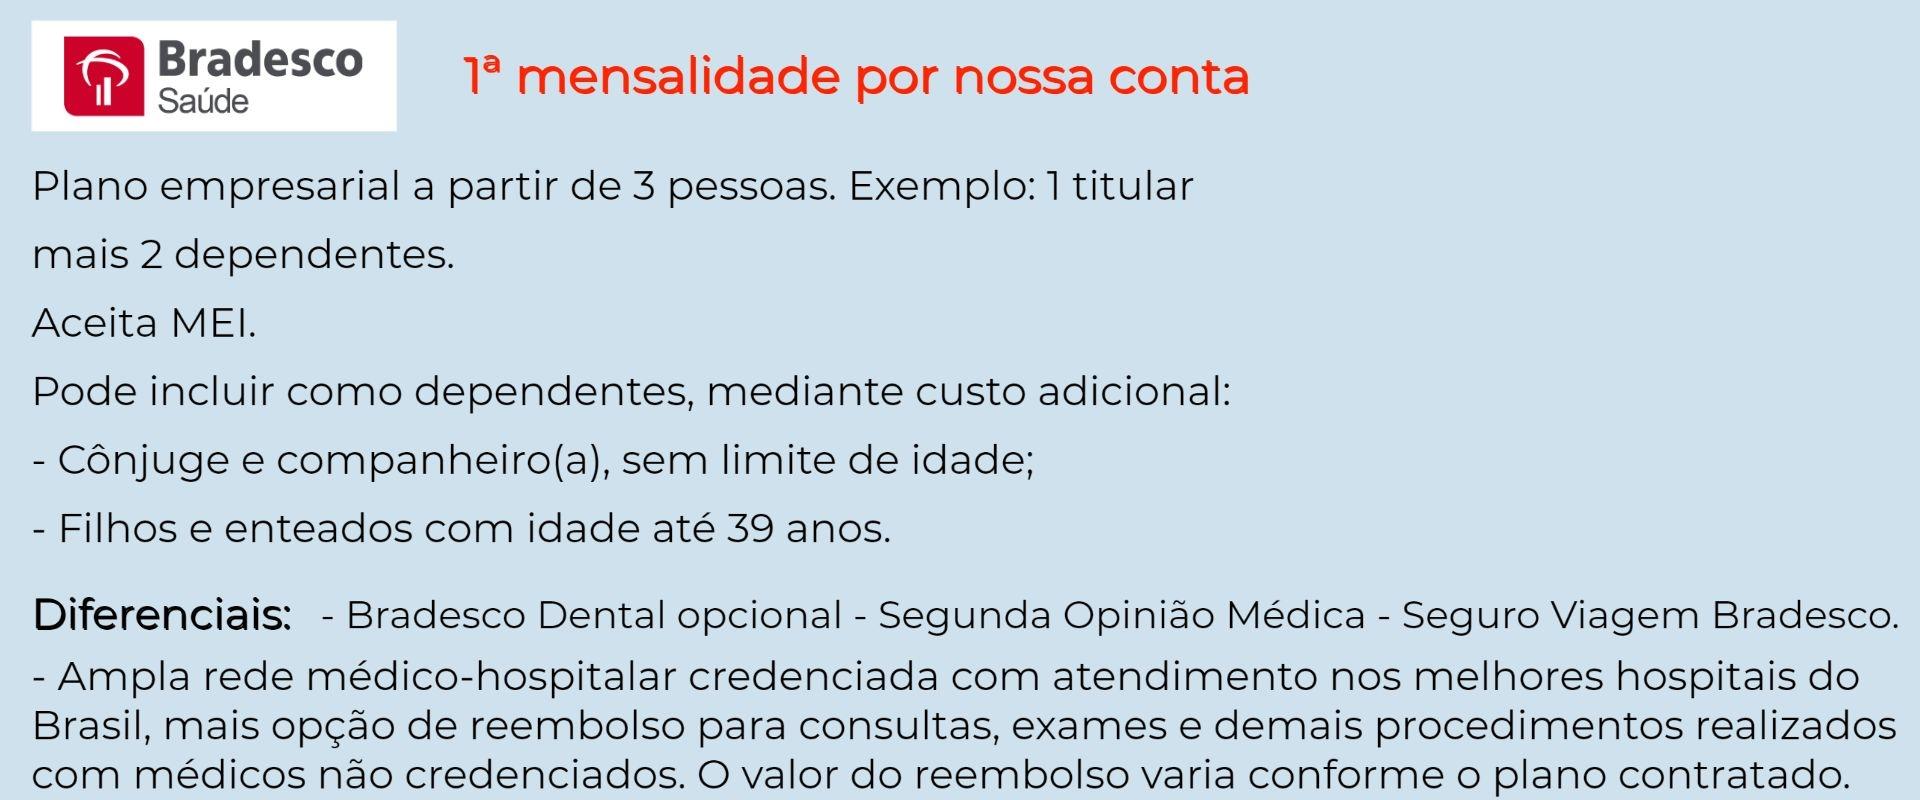 Bradesco Saúde Empresarial - Rio Grande da Serra